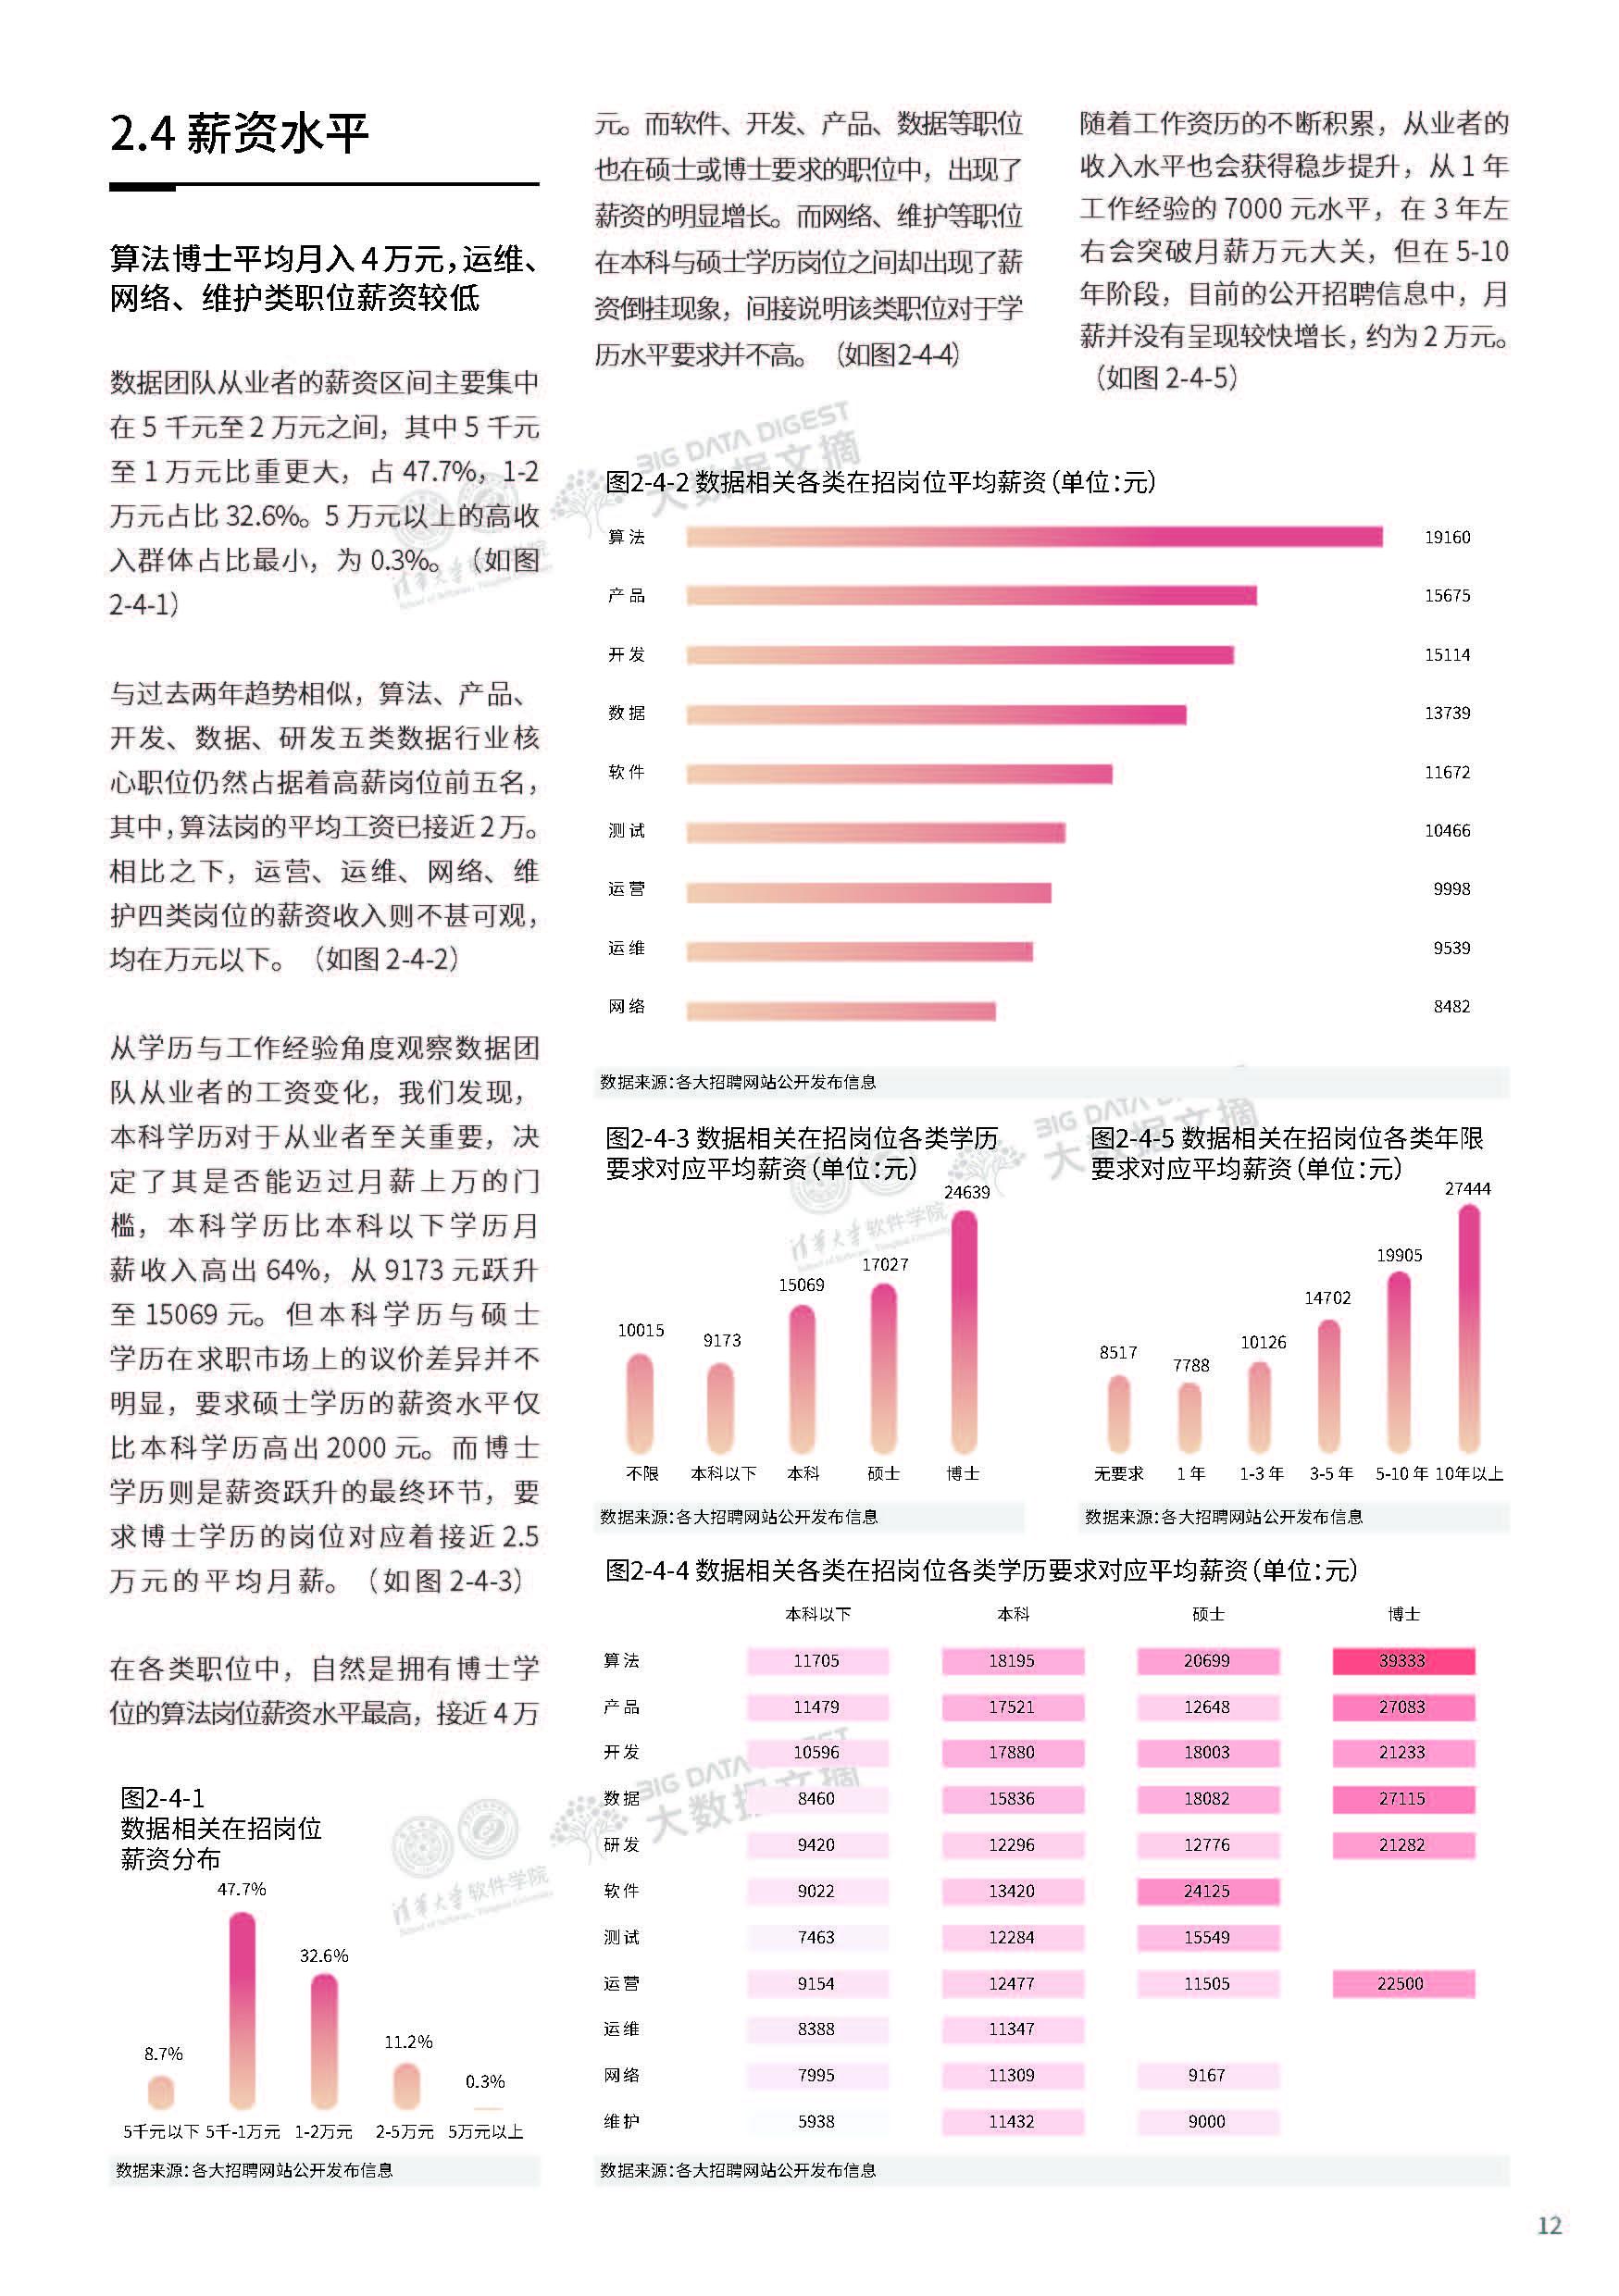 大数据研究报告, 清华大学&大数据文摘:2020年顶级数据团队建设全景报告!